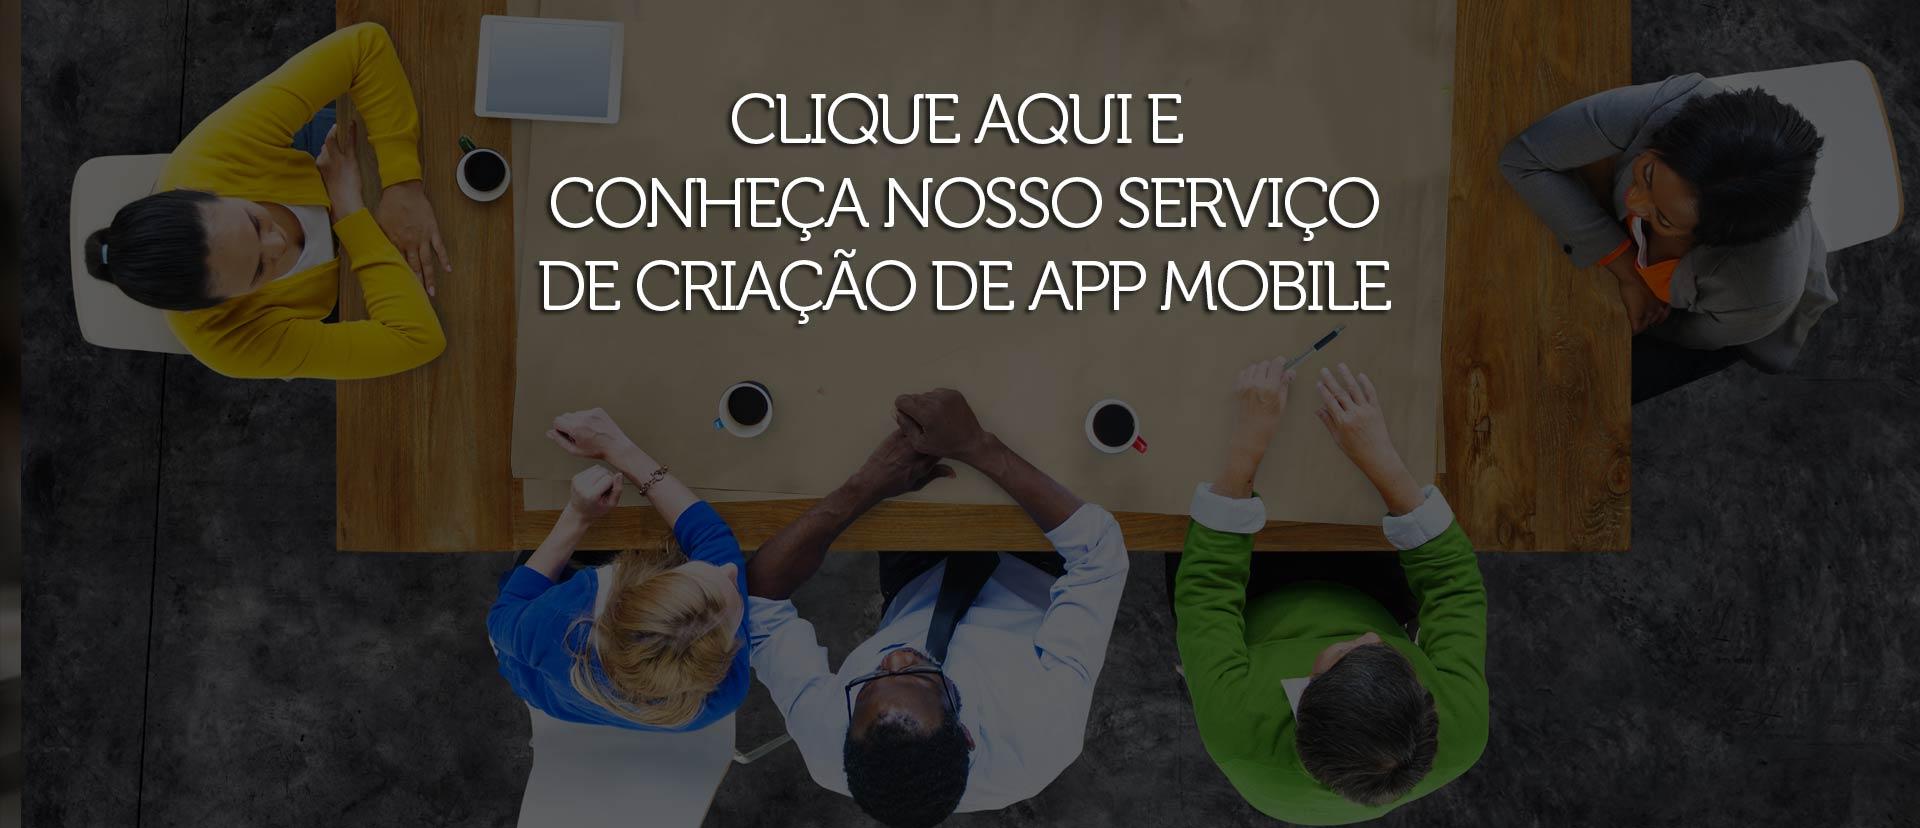 criacao-de-aplicativo-mobile-brasilia-carcara-mkt-digital